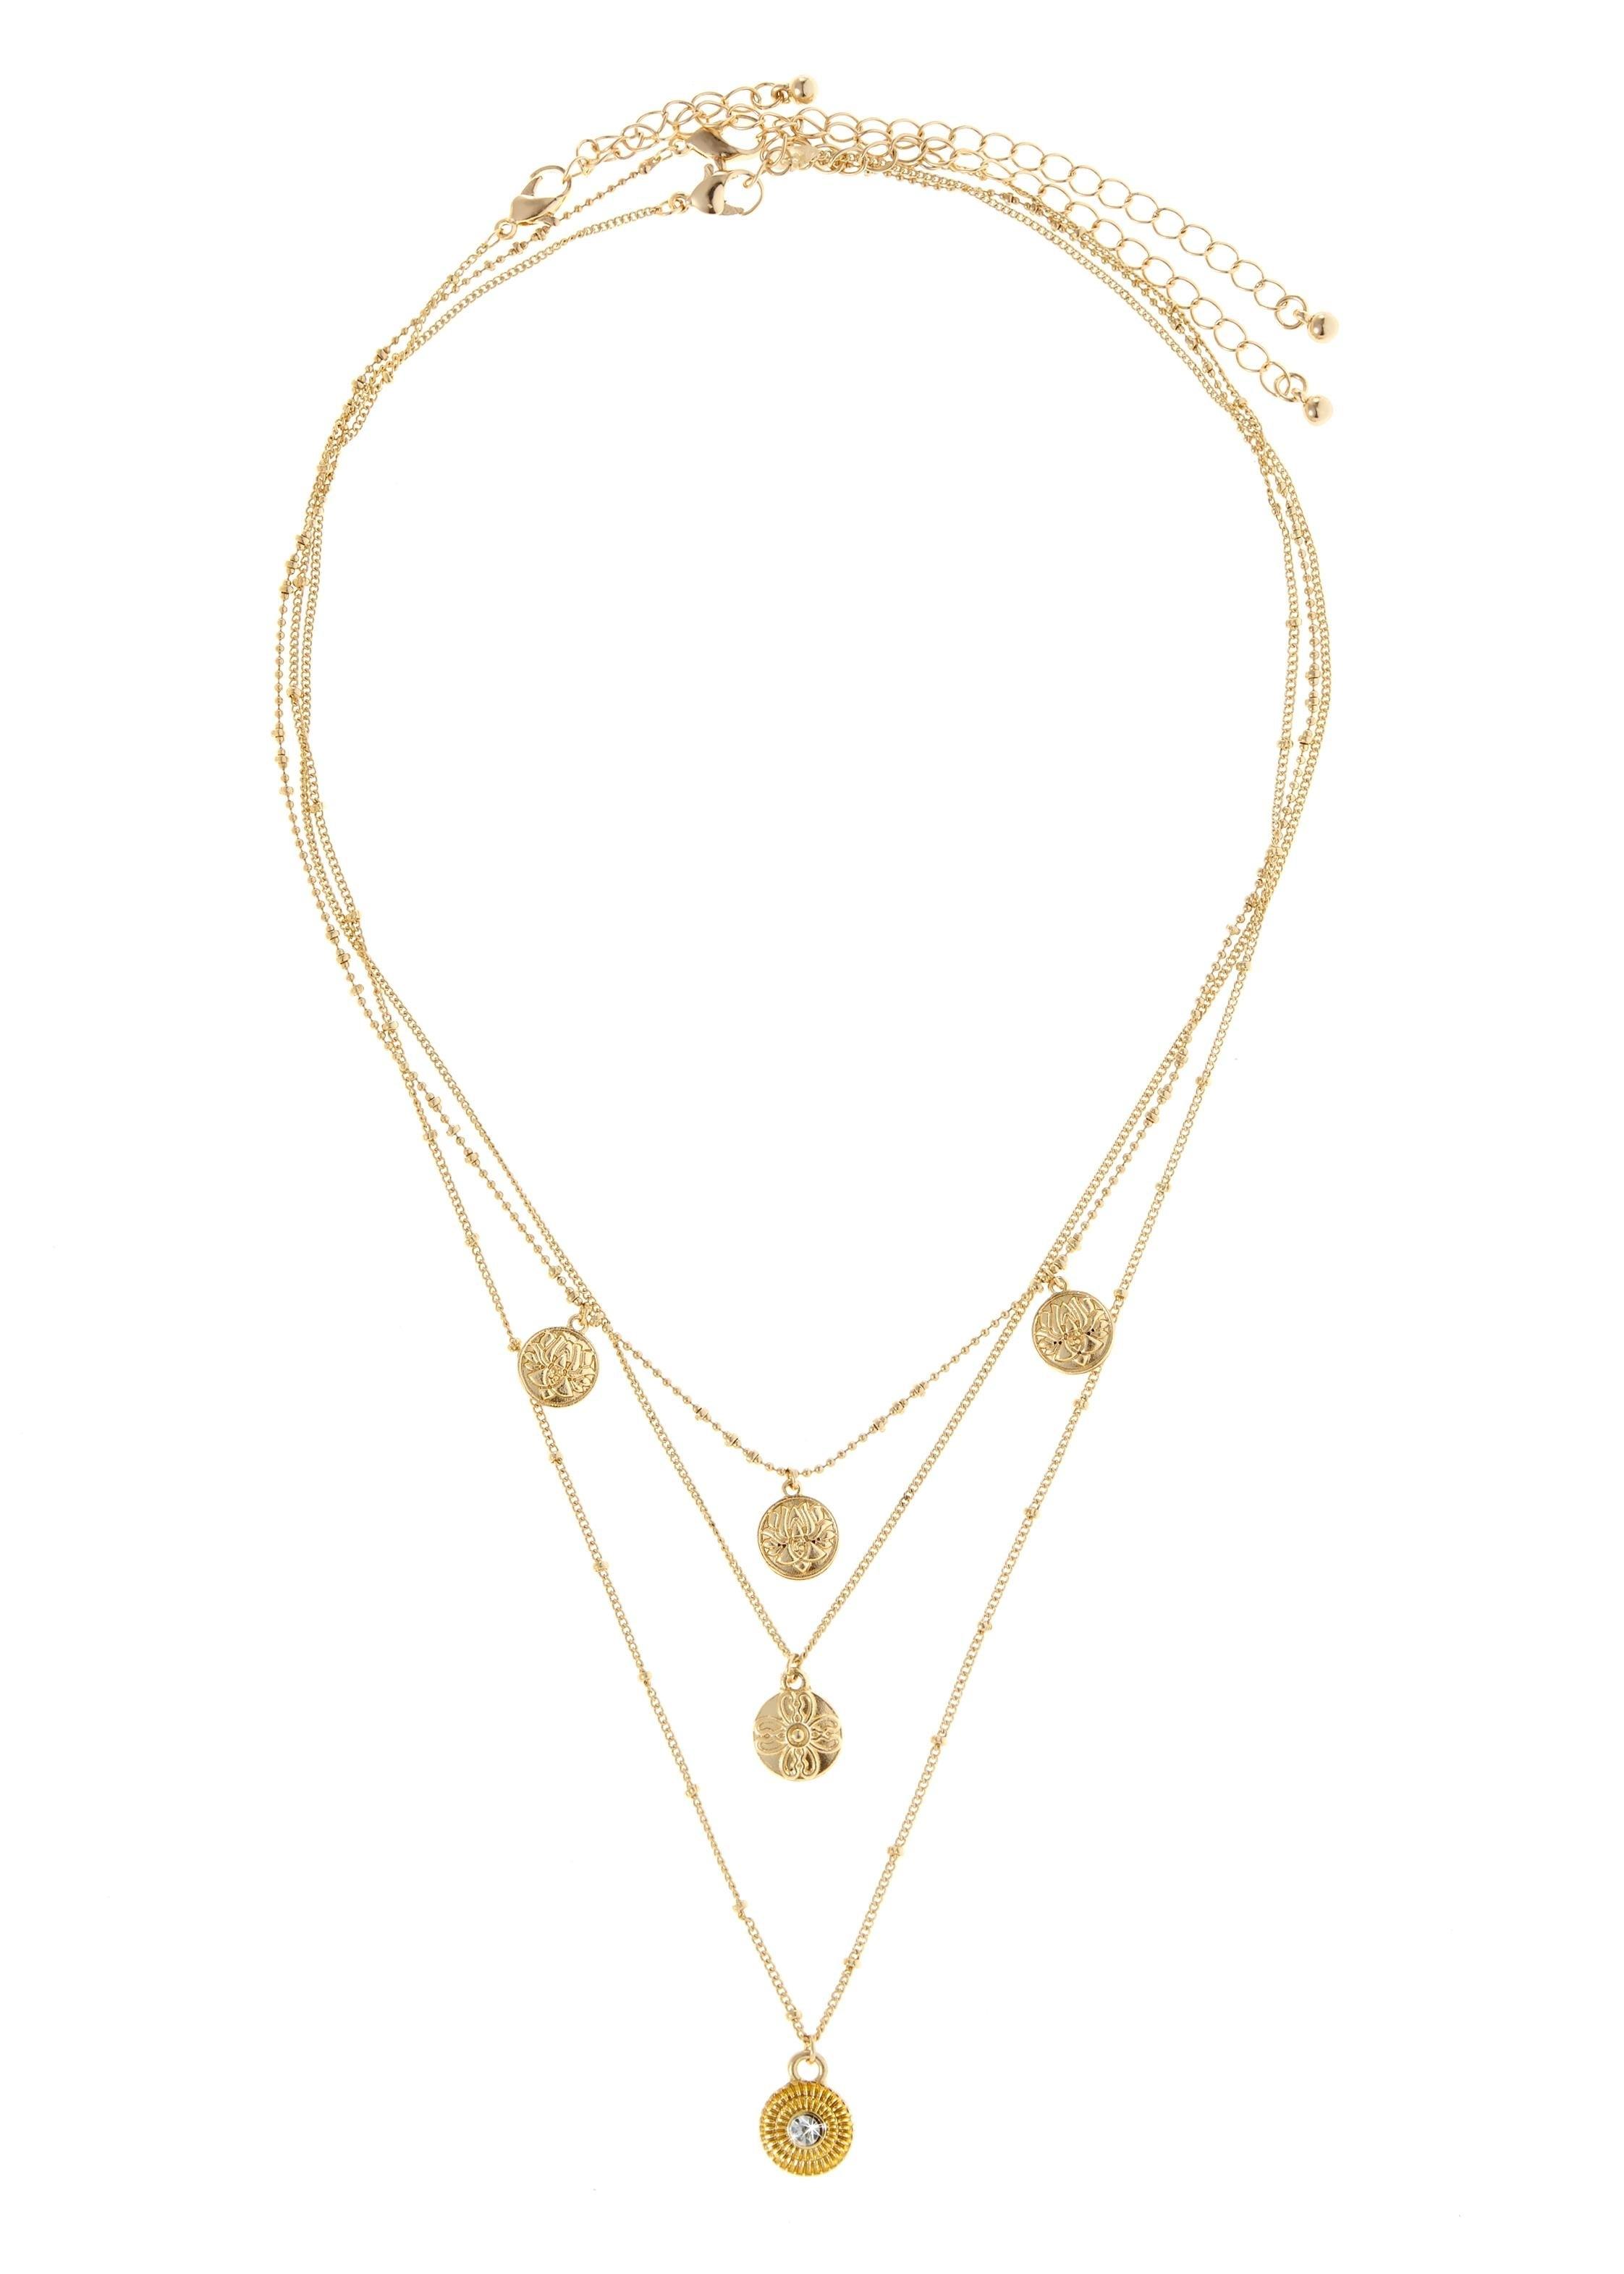 LASCANA sieradenset nu online kopen bij Lascana